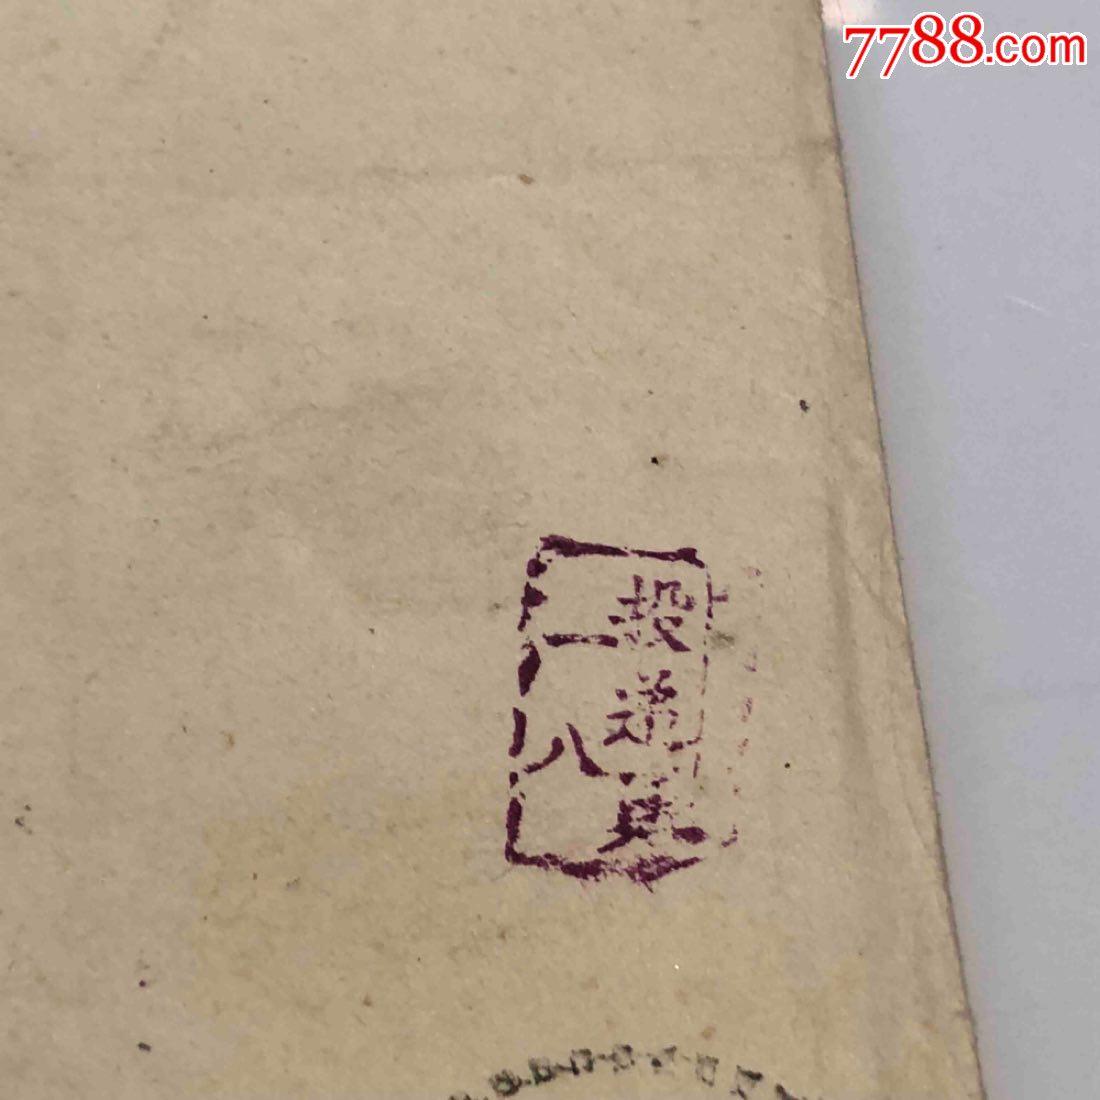 57年上海支30宁波甲邮戳贴8分邮票投递员一八、本店其它信封在拍_价格29元_第5张_